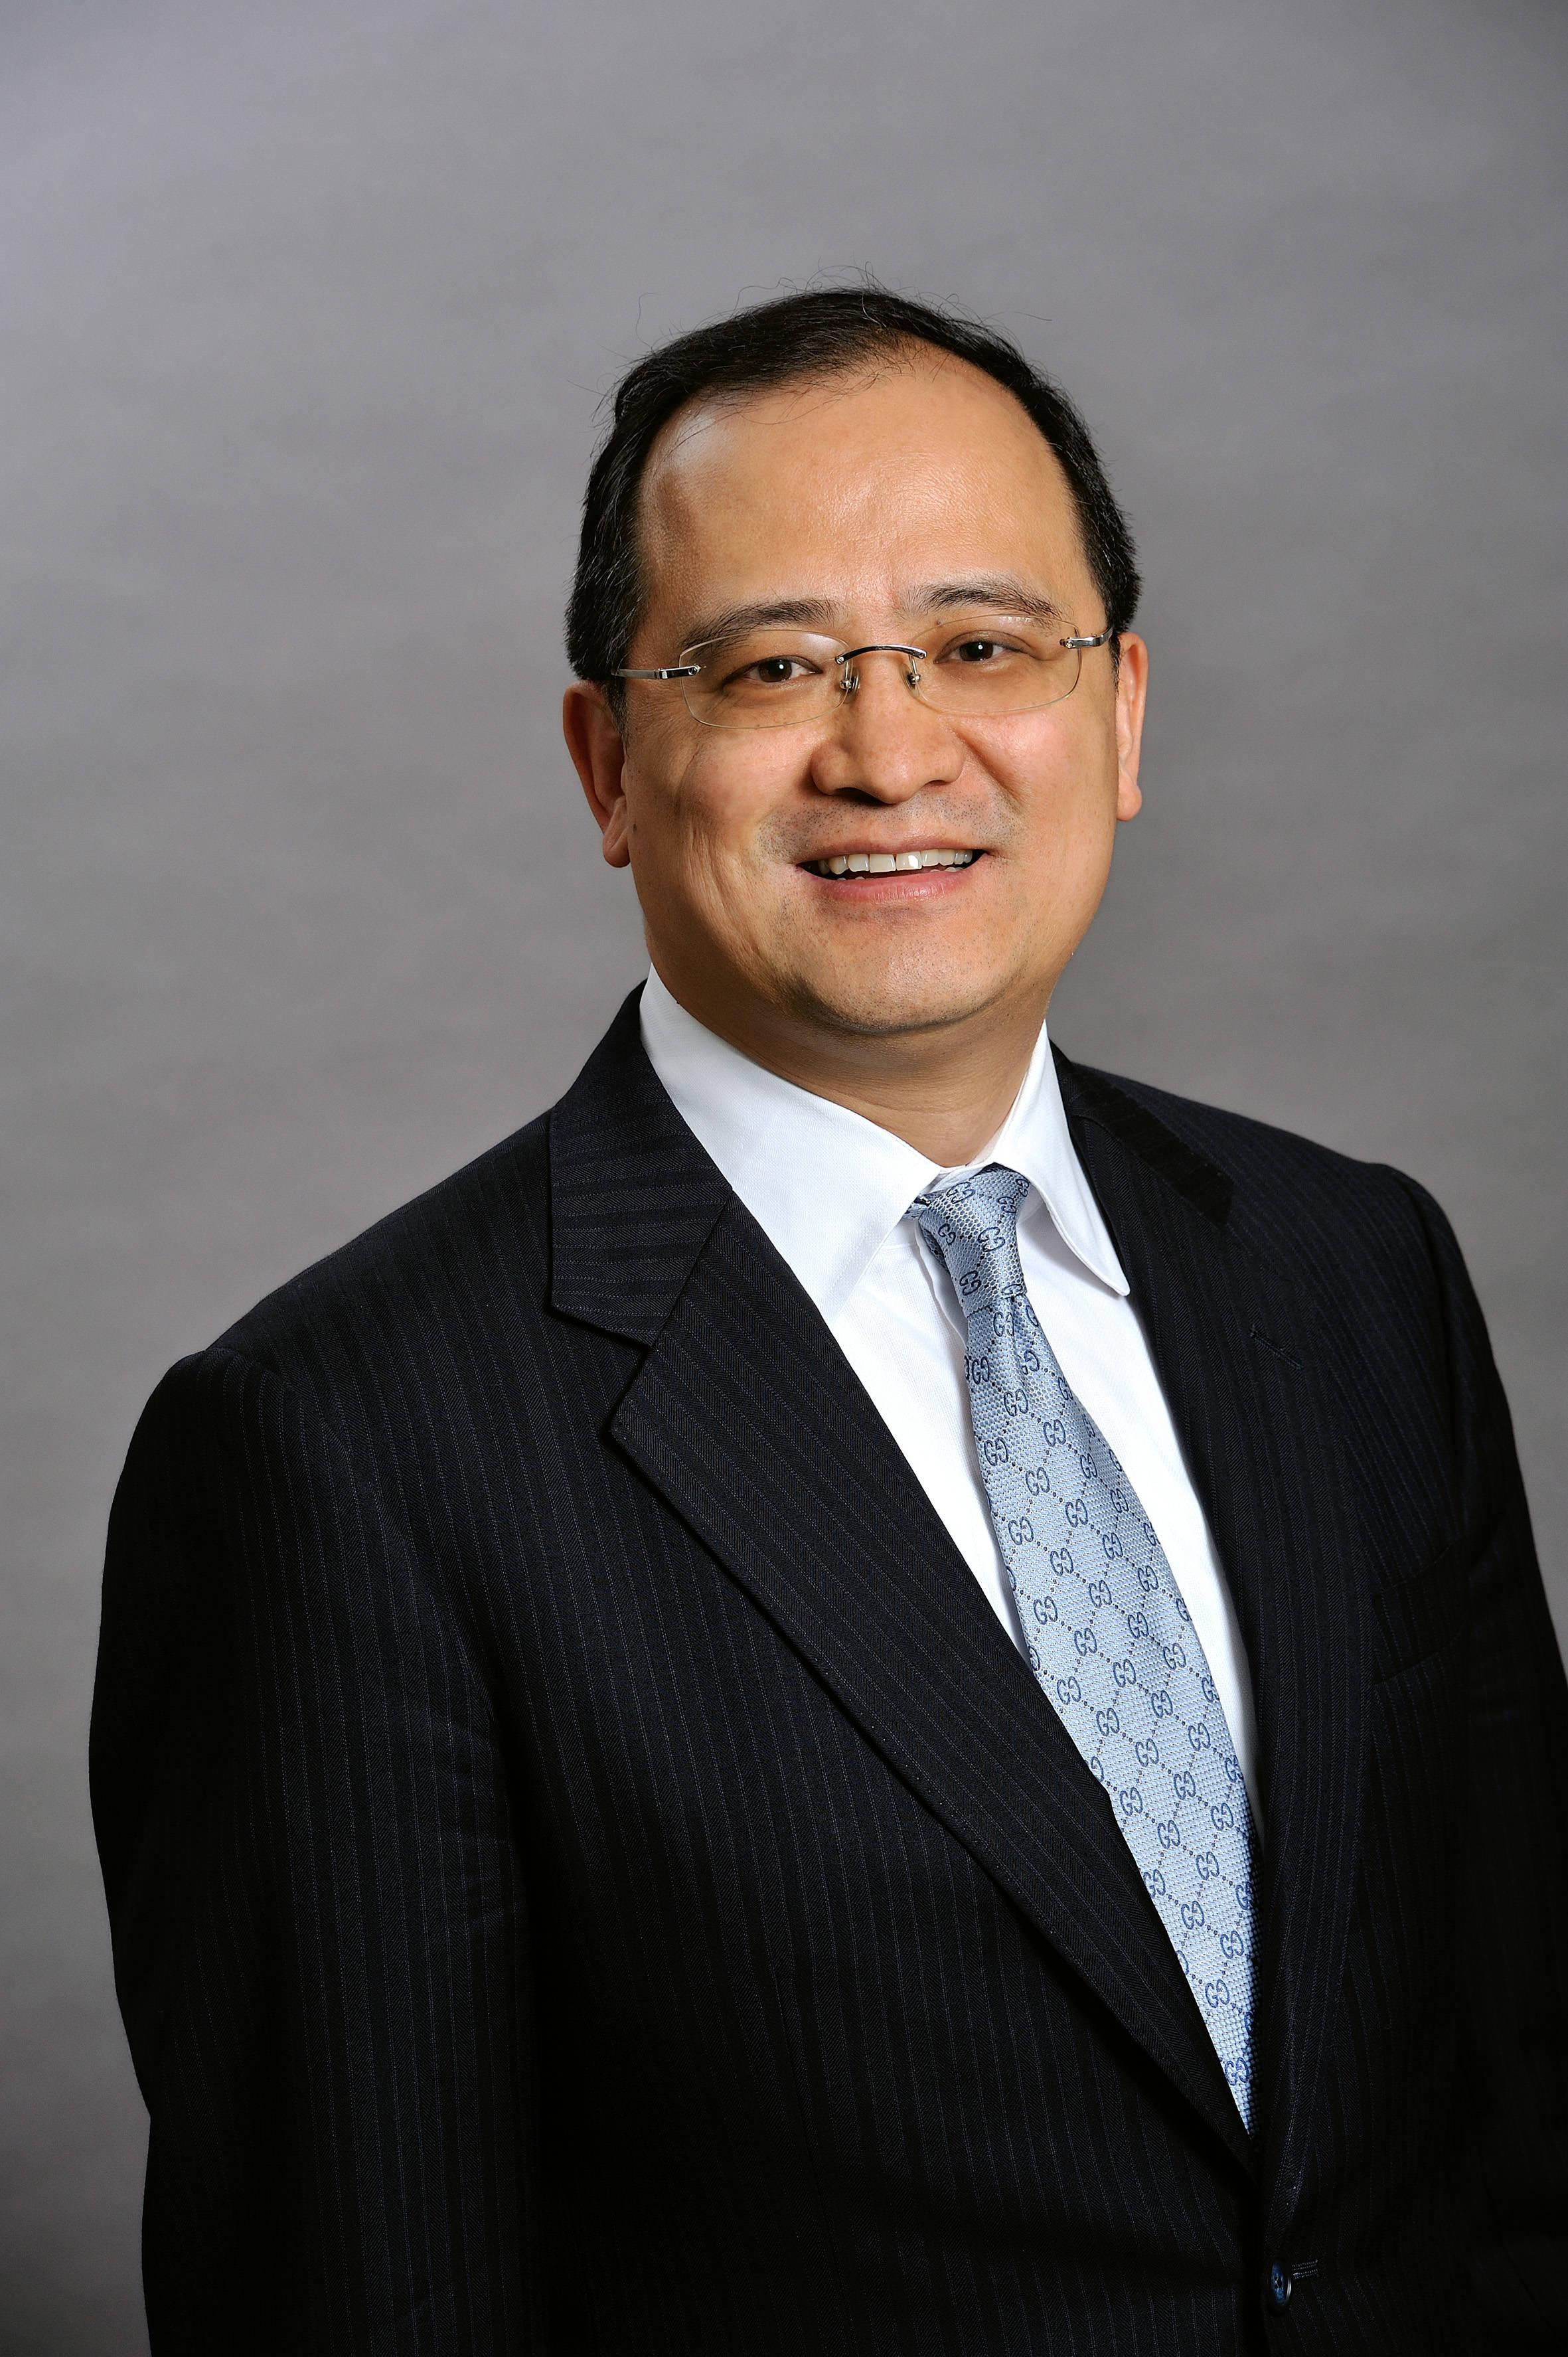 【专访花旗首席中国经济学家:央行今年仍有必要降低政策利率】